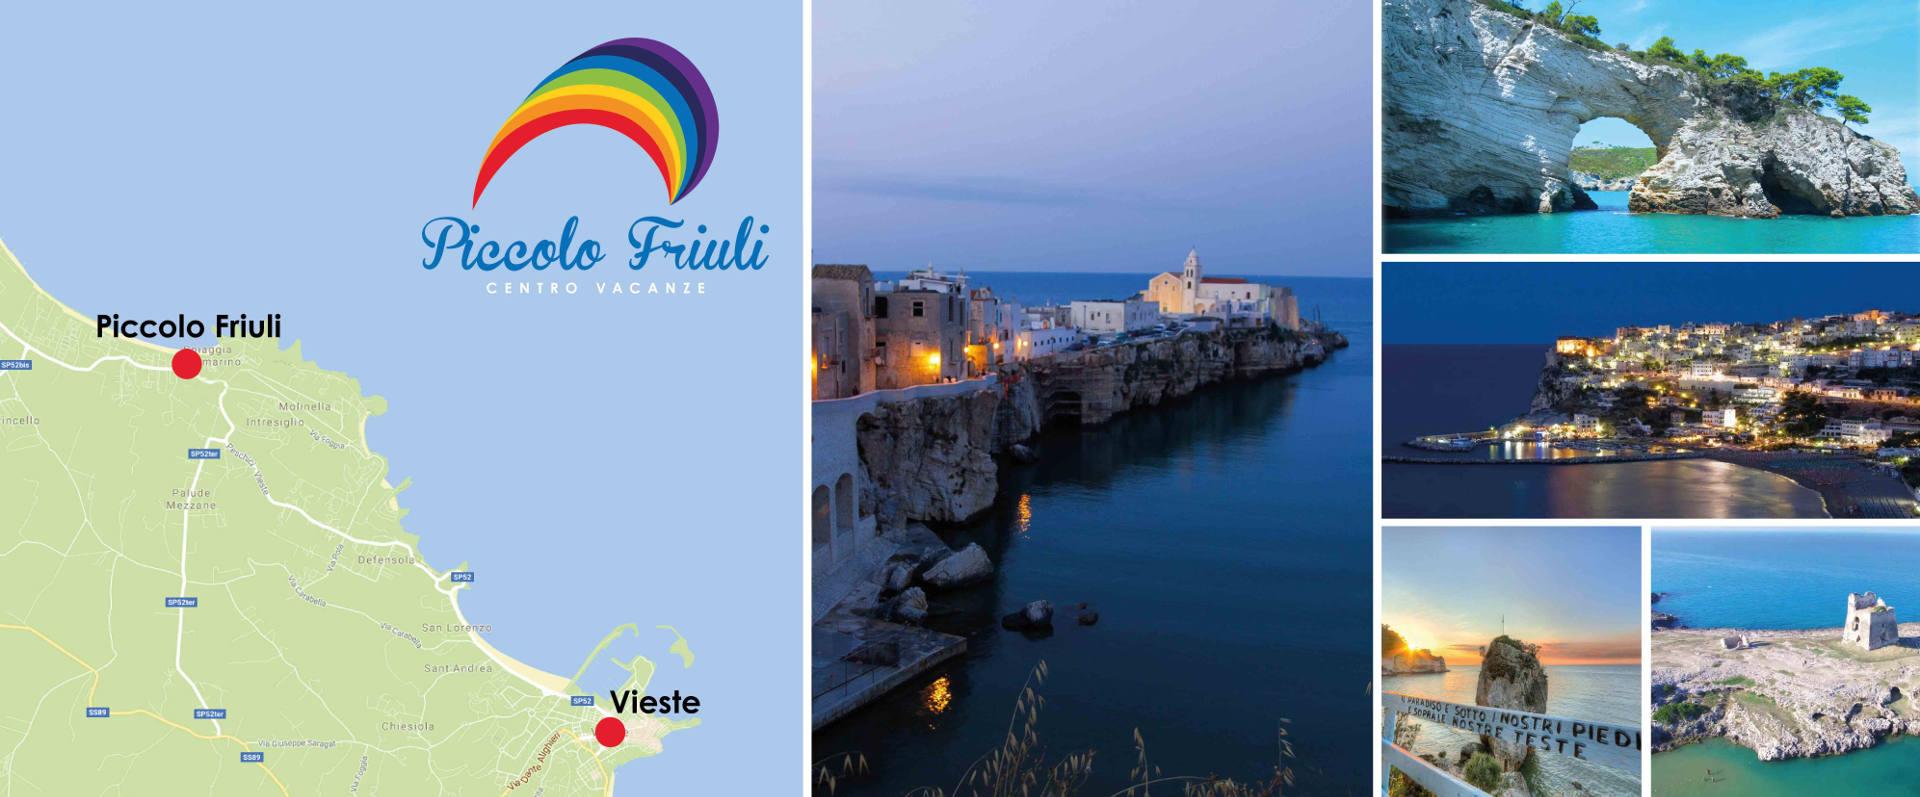 collage Vieste e indicazioni Piccolo Friuli